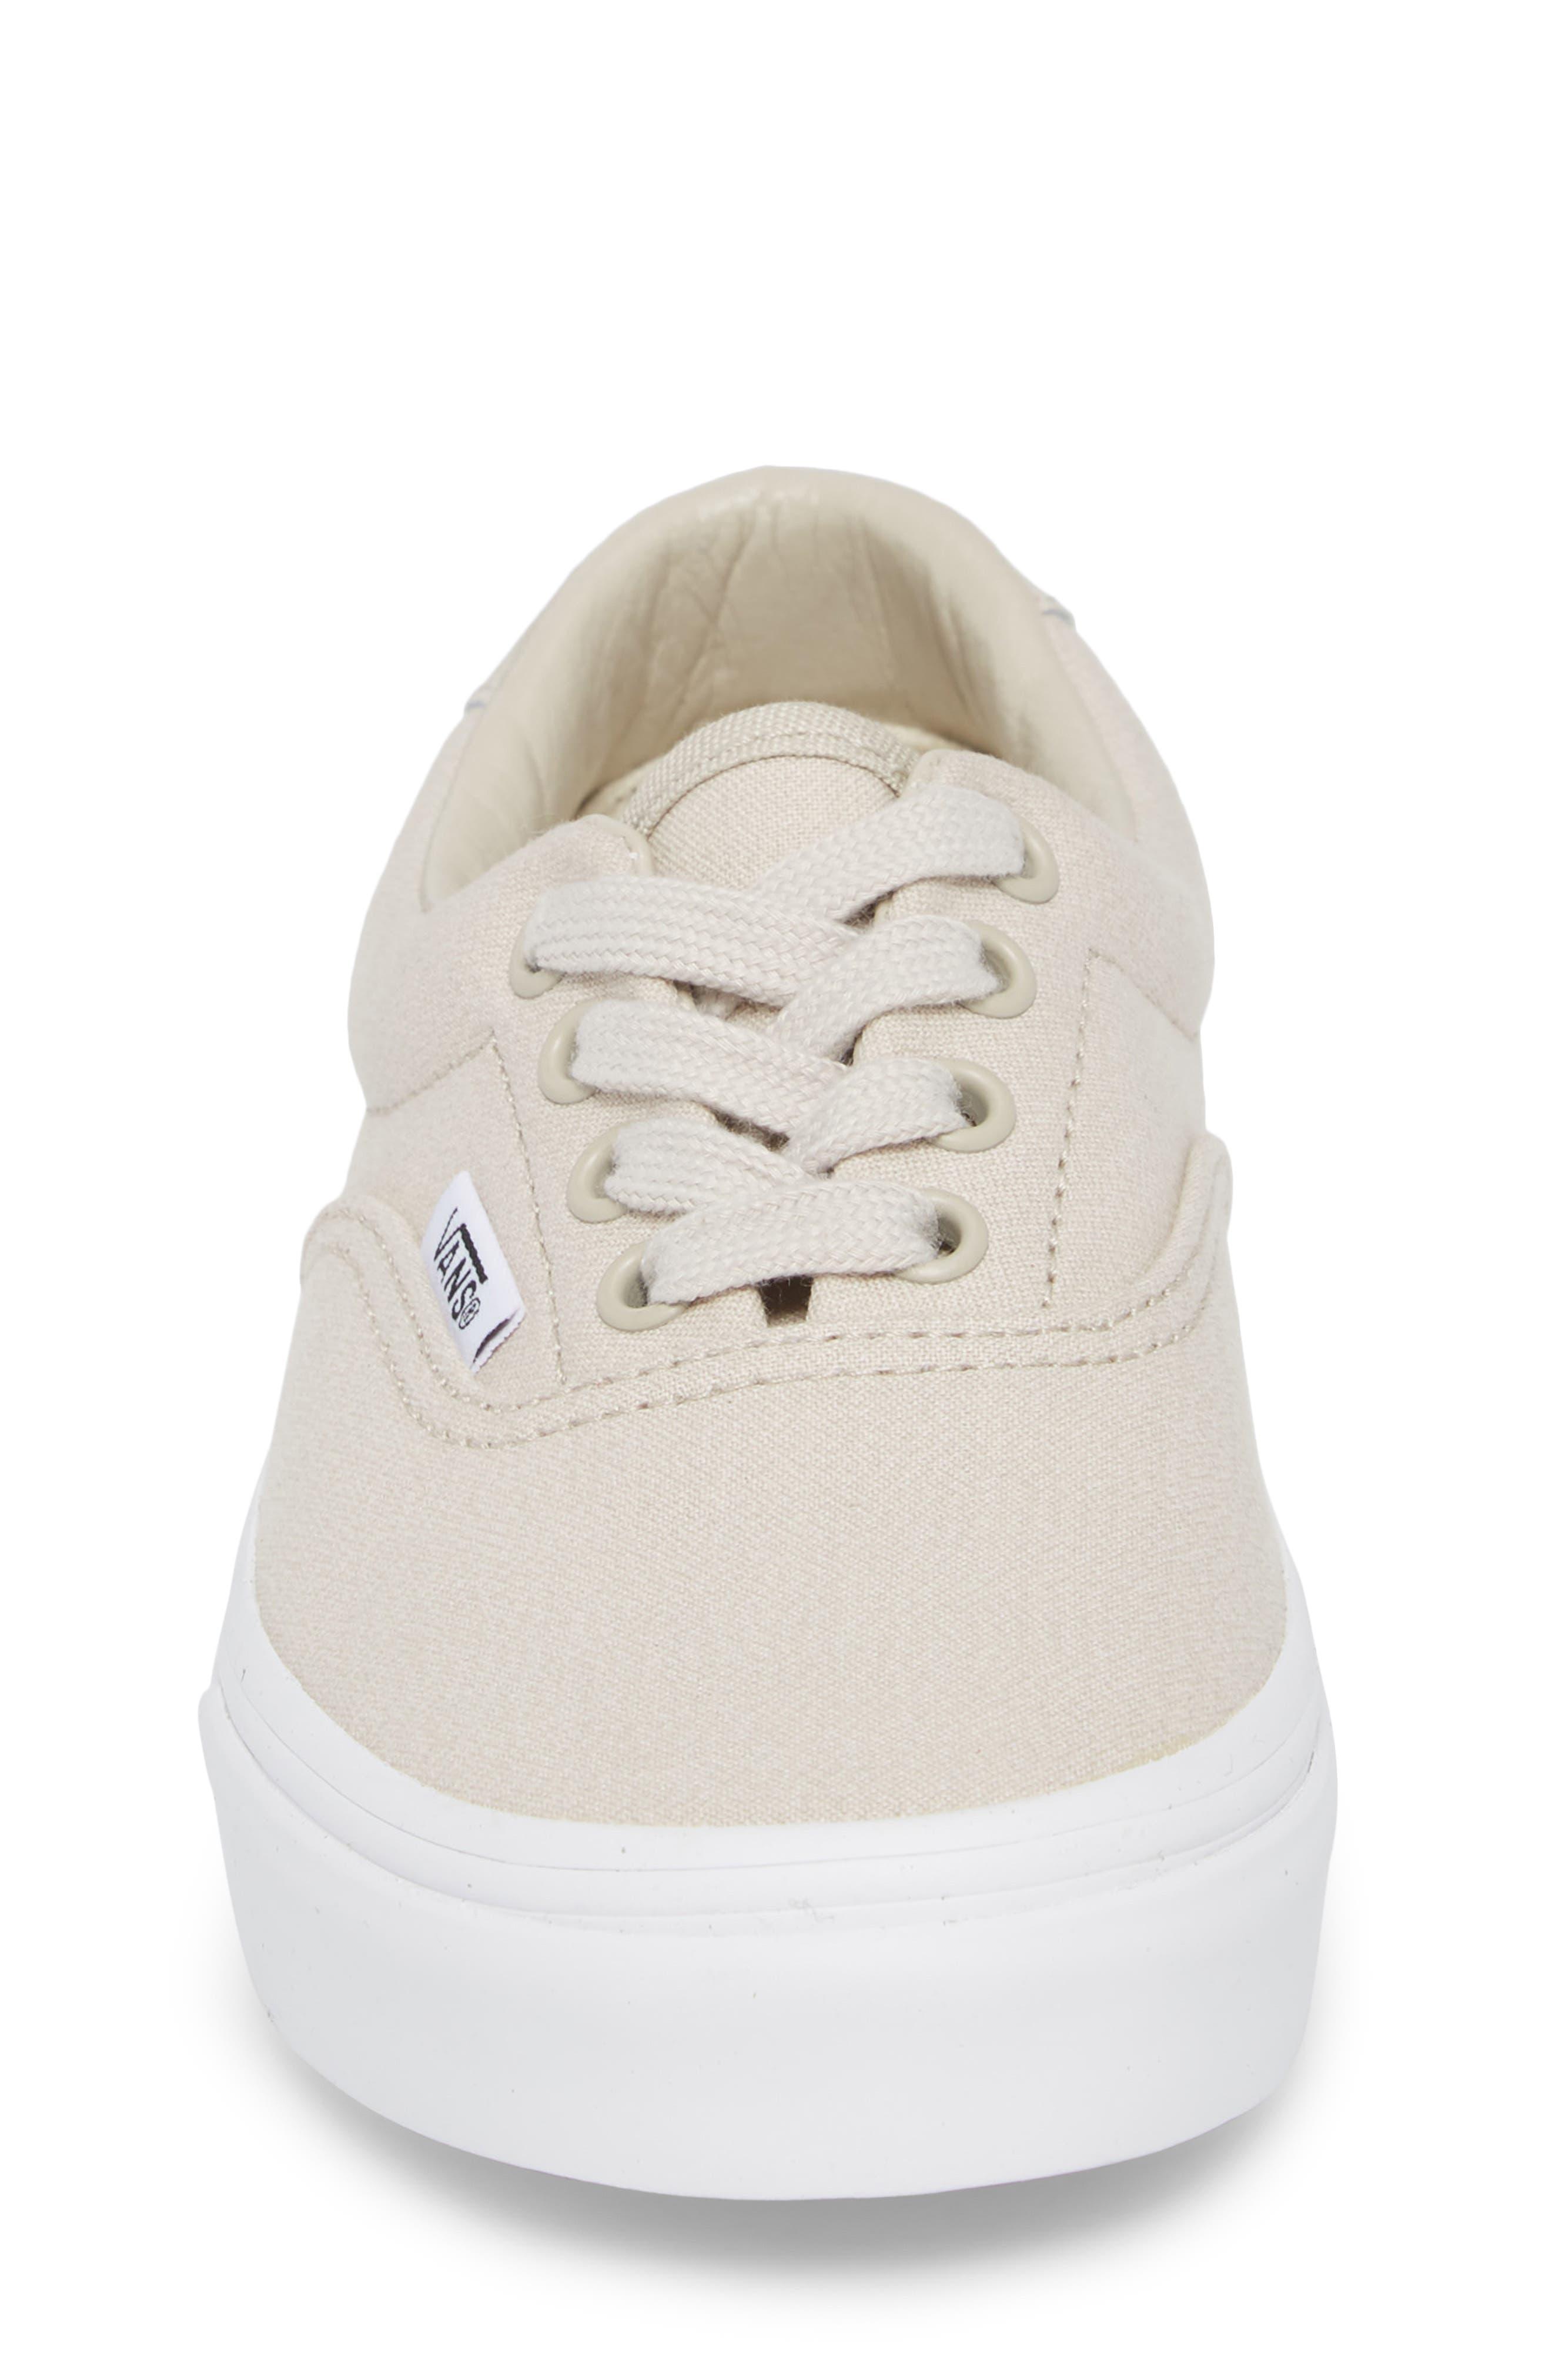 Era 59 Bleacher Sneaker,                             Alternate thumbnail 4, color,                             Silver Lining/ True White